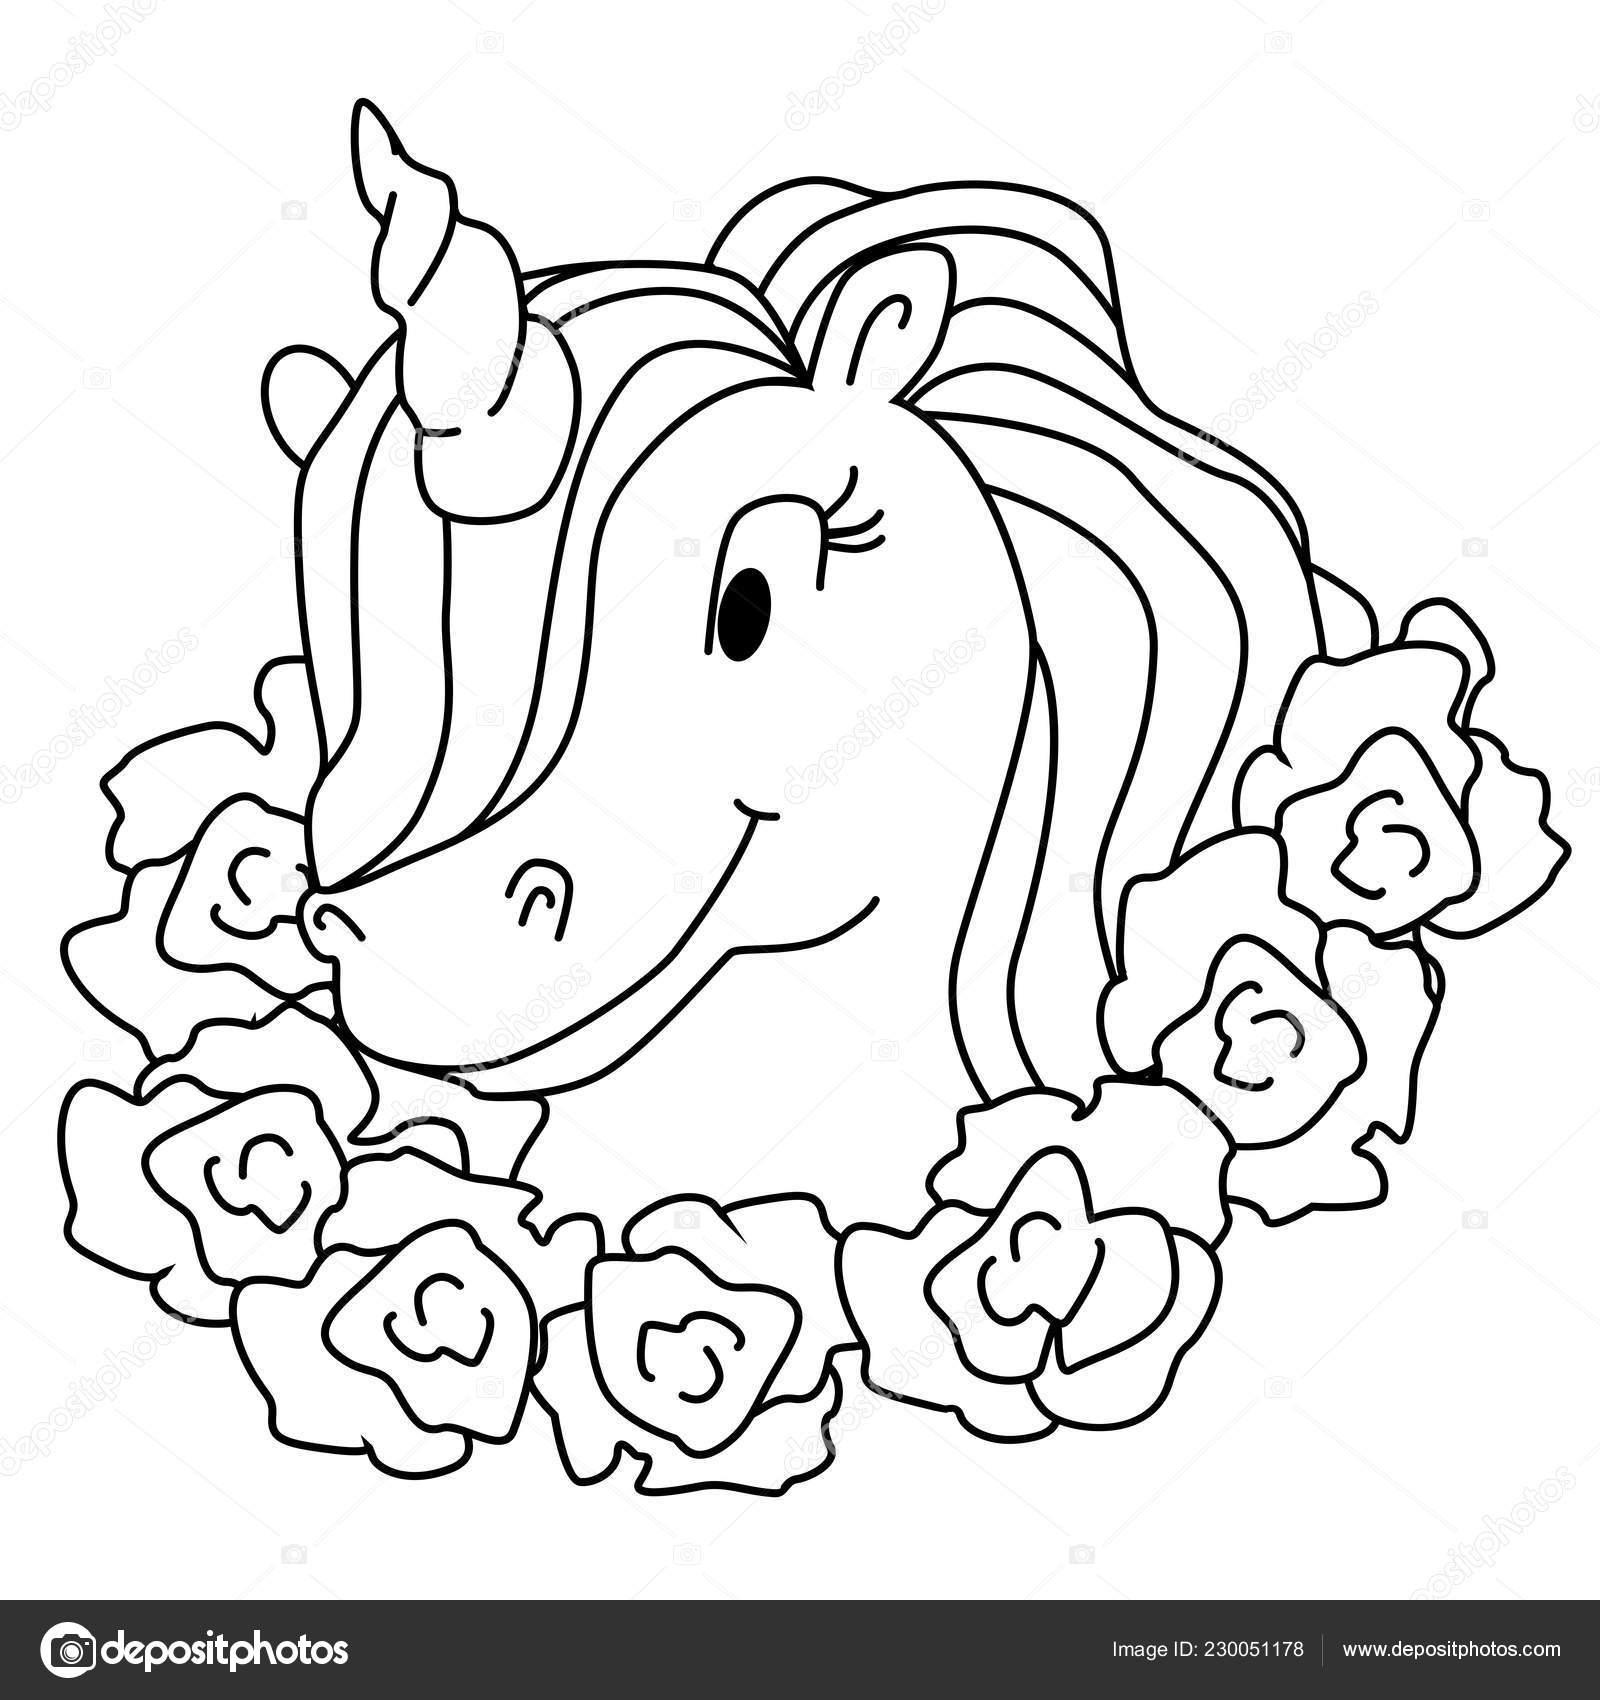 Dibujo De Unicornio Mágico Aislado Página Para Colorear De Vector